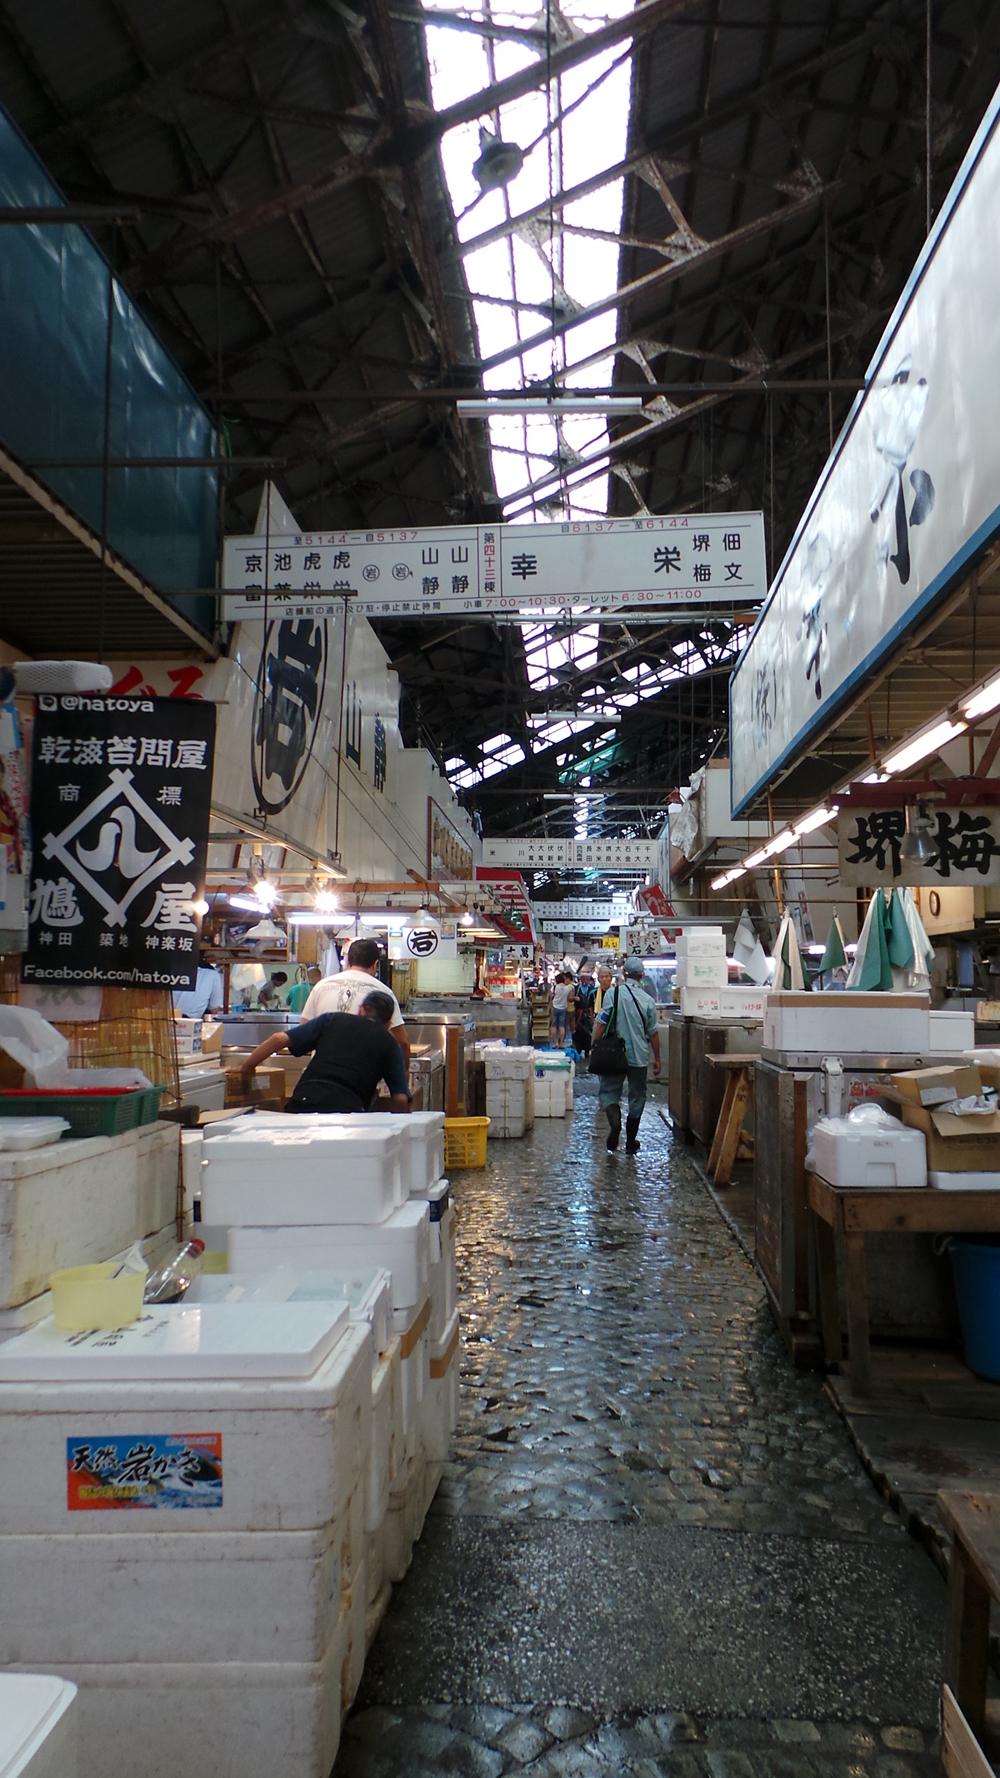 Visiter la halle aux poissons du marché de Tsukiji, Tokyo, Japon.